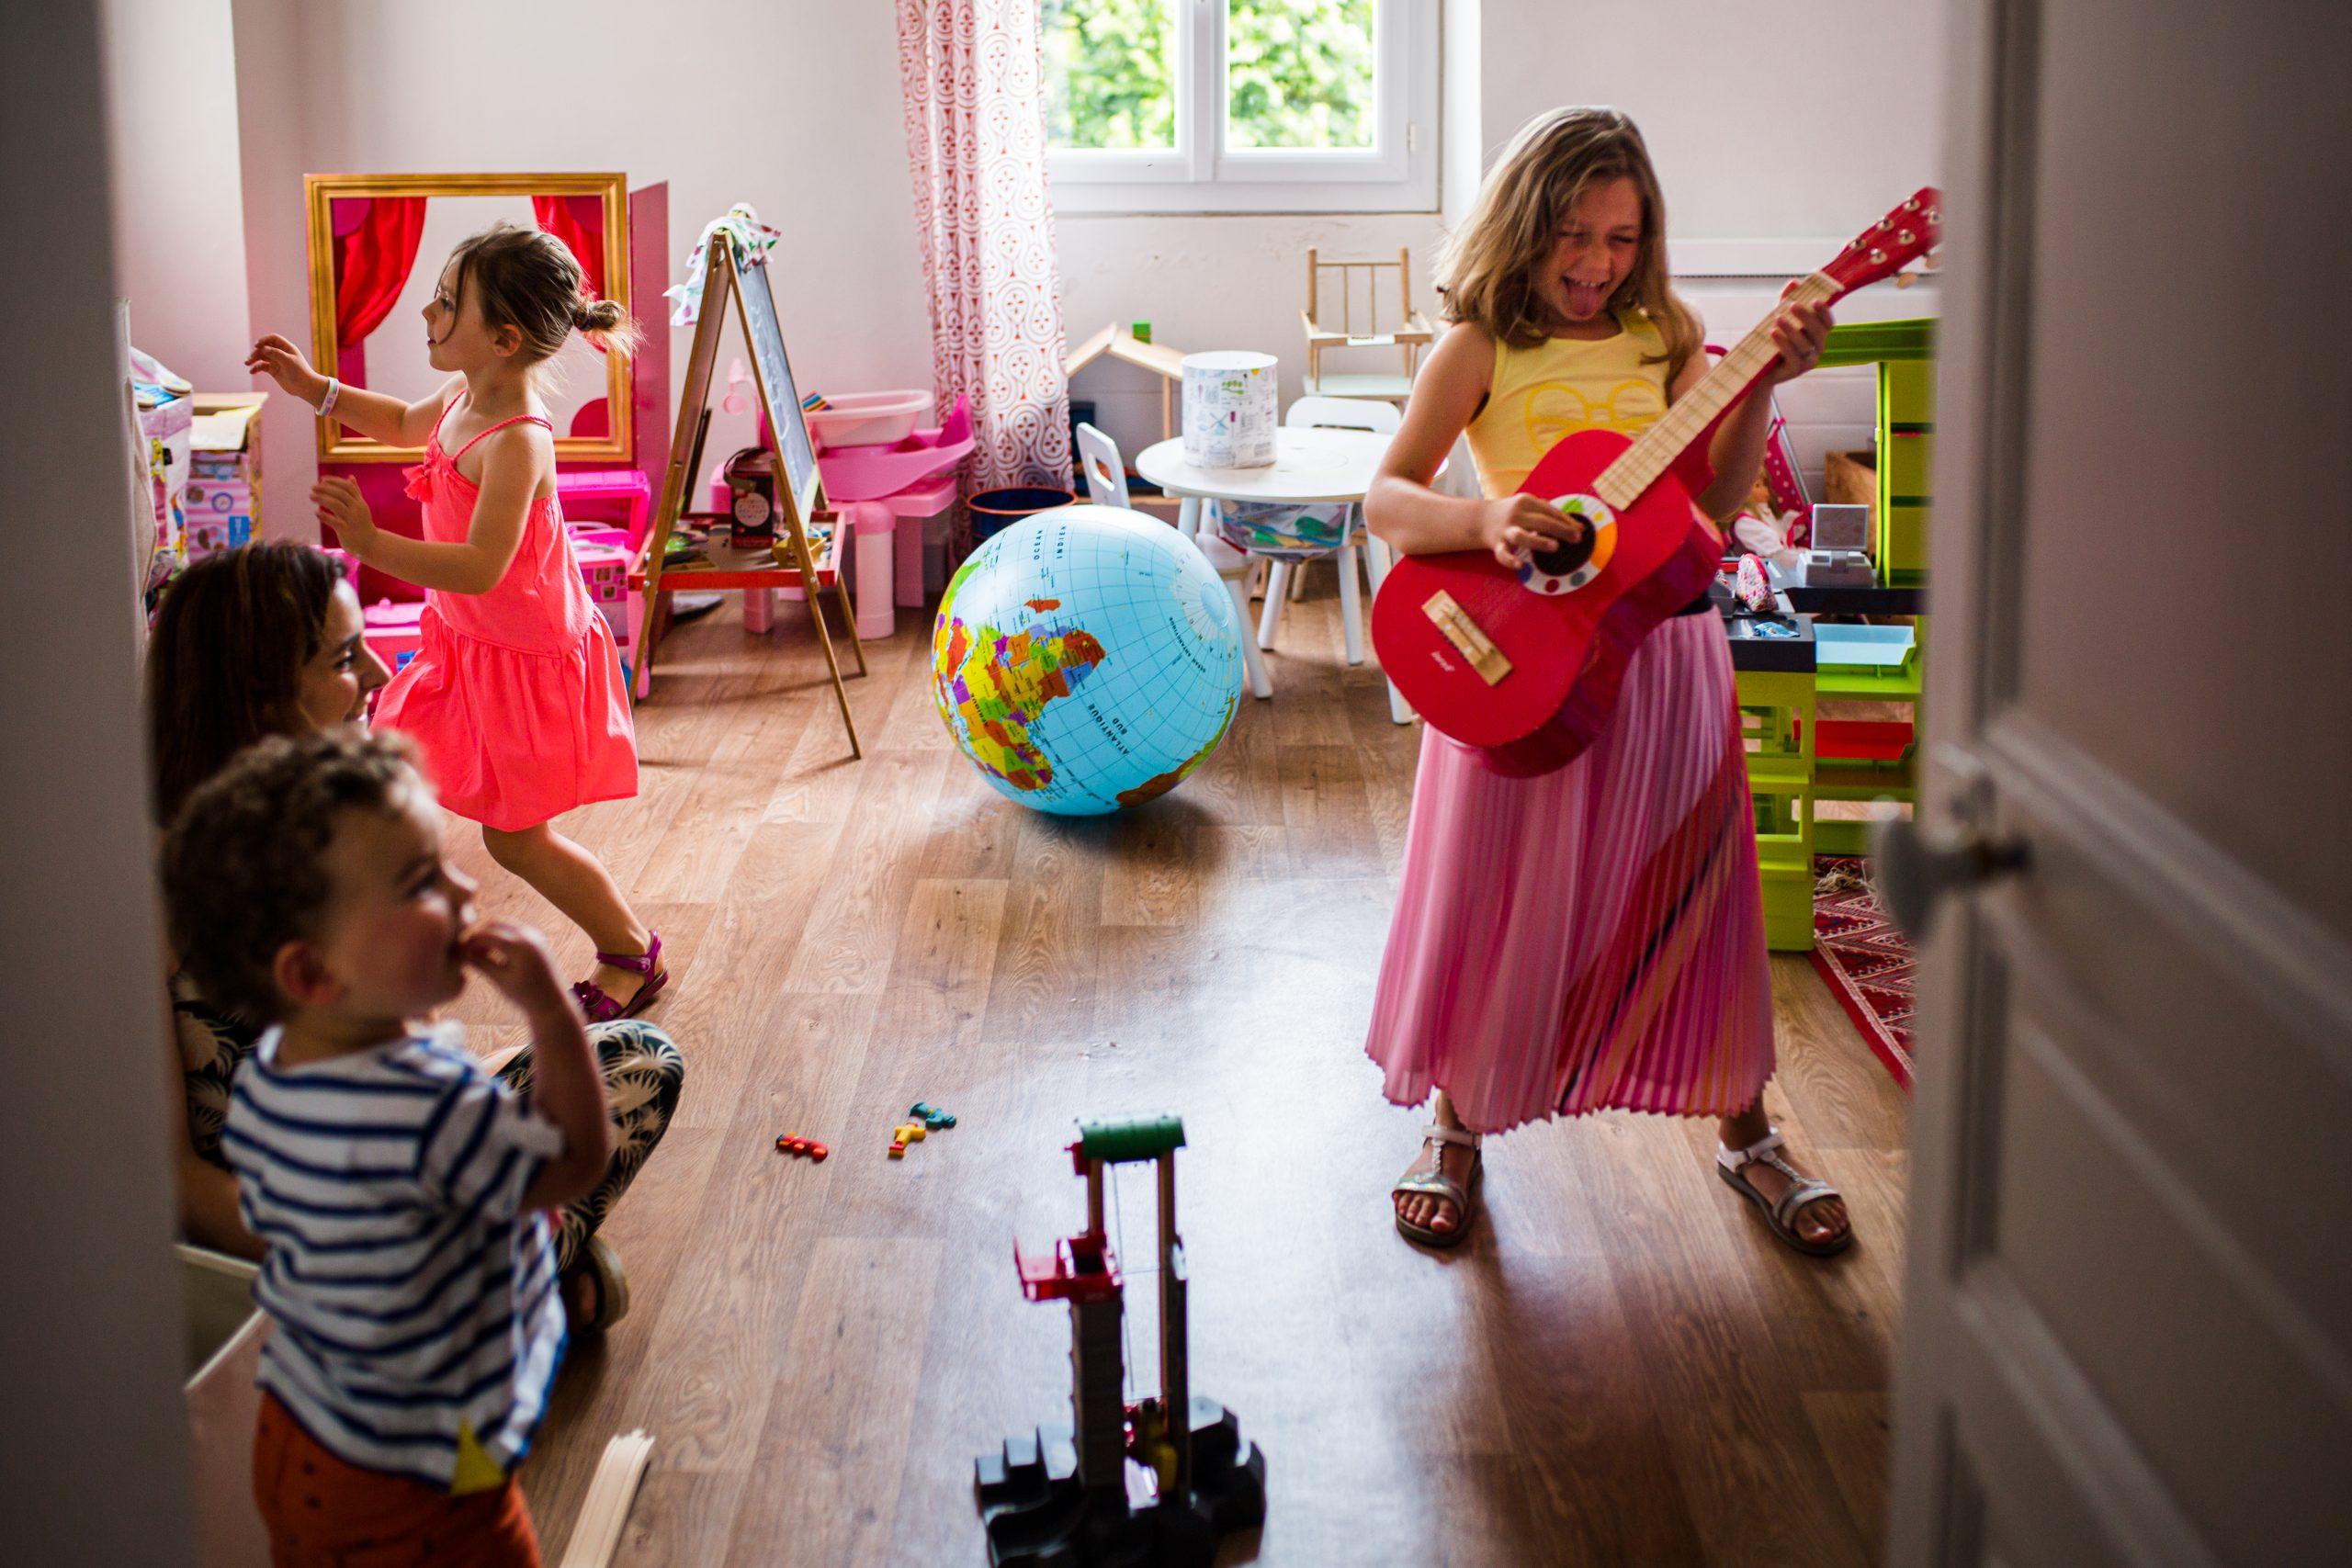 photo du quotidien d'une famille, reportage photo de Nicole Gevrey